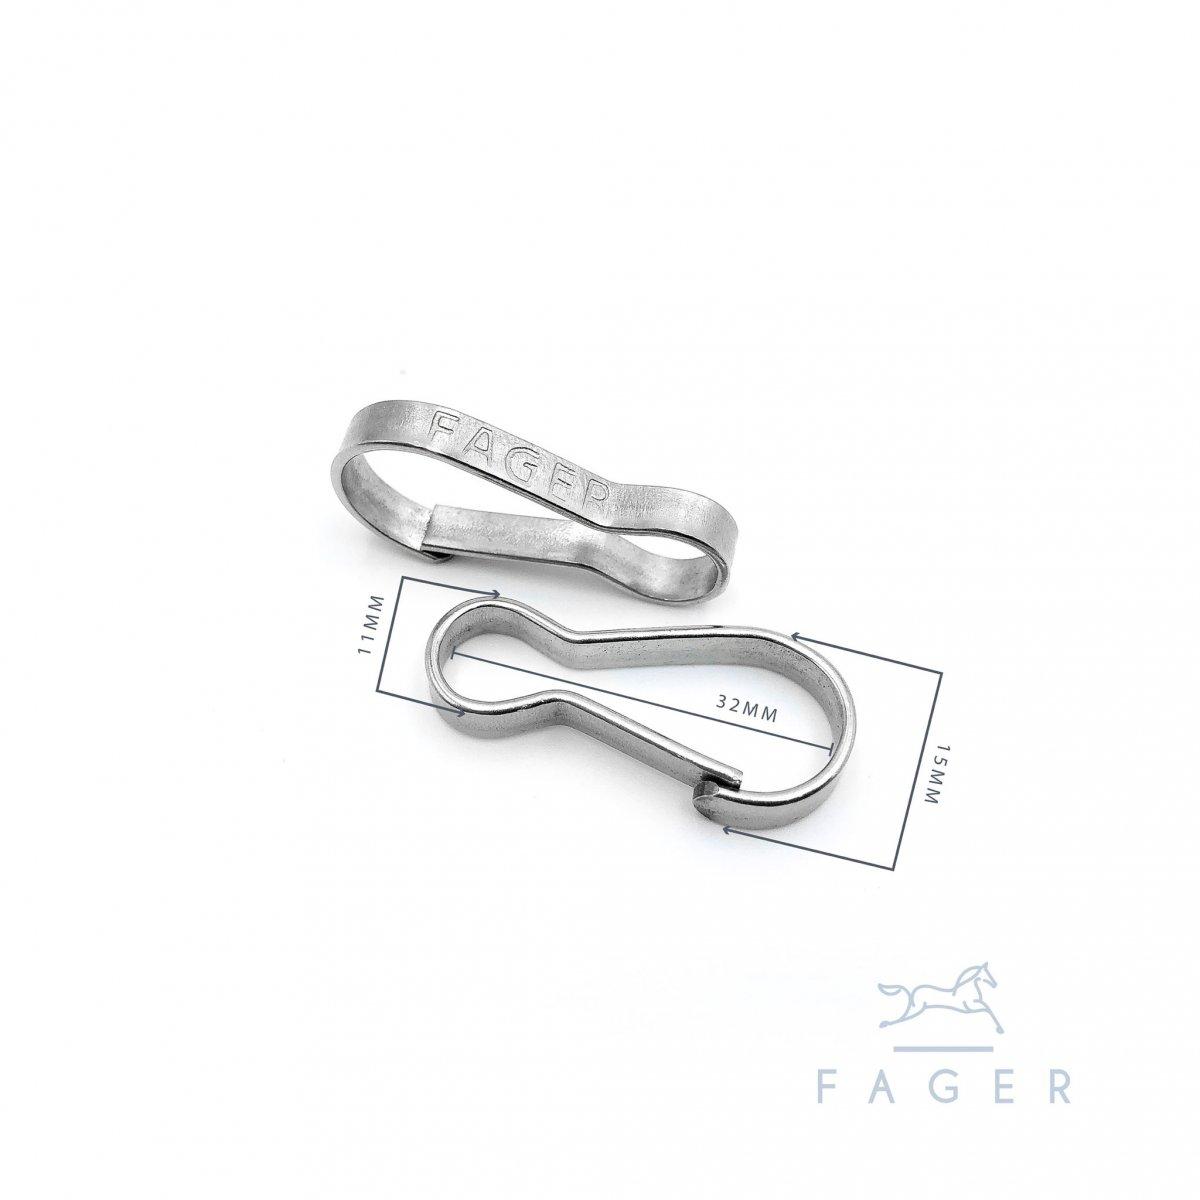 fager-secure-clasp-matt